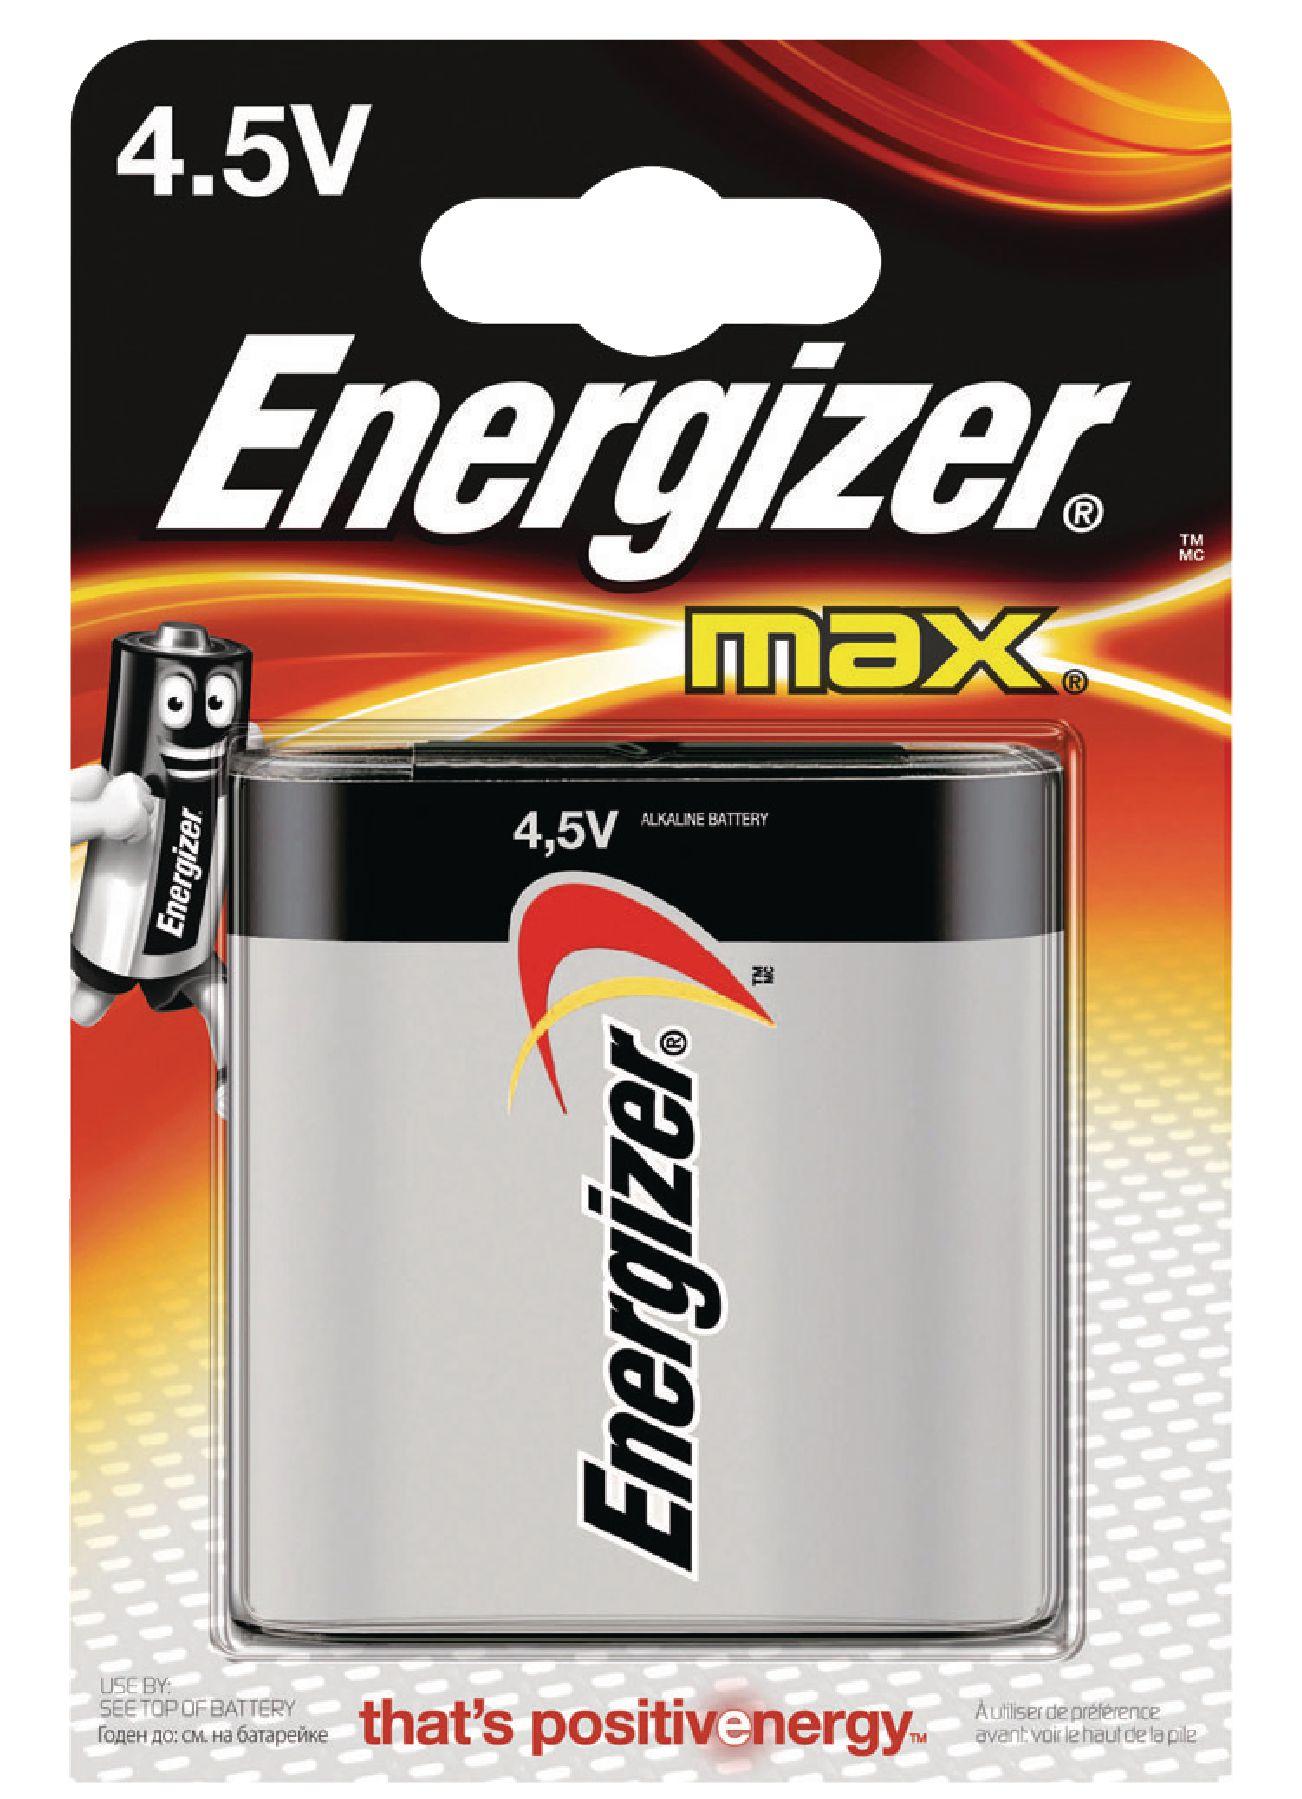 Alkalická baterie Energizer Max 3LR12 4.5 V, 1ks, EN-E300116200